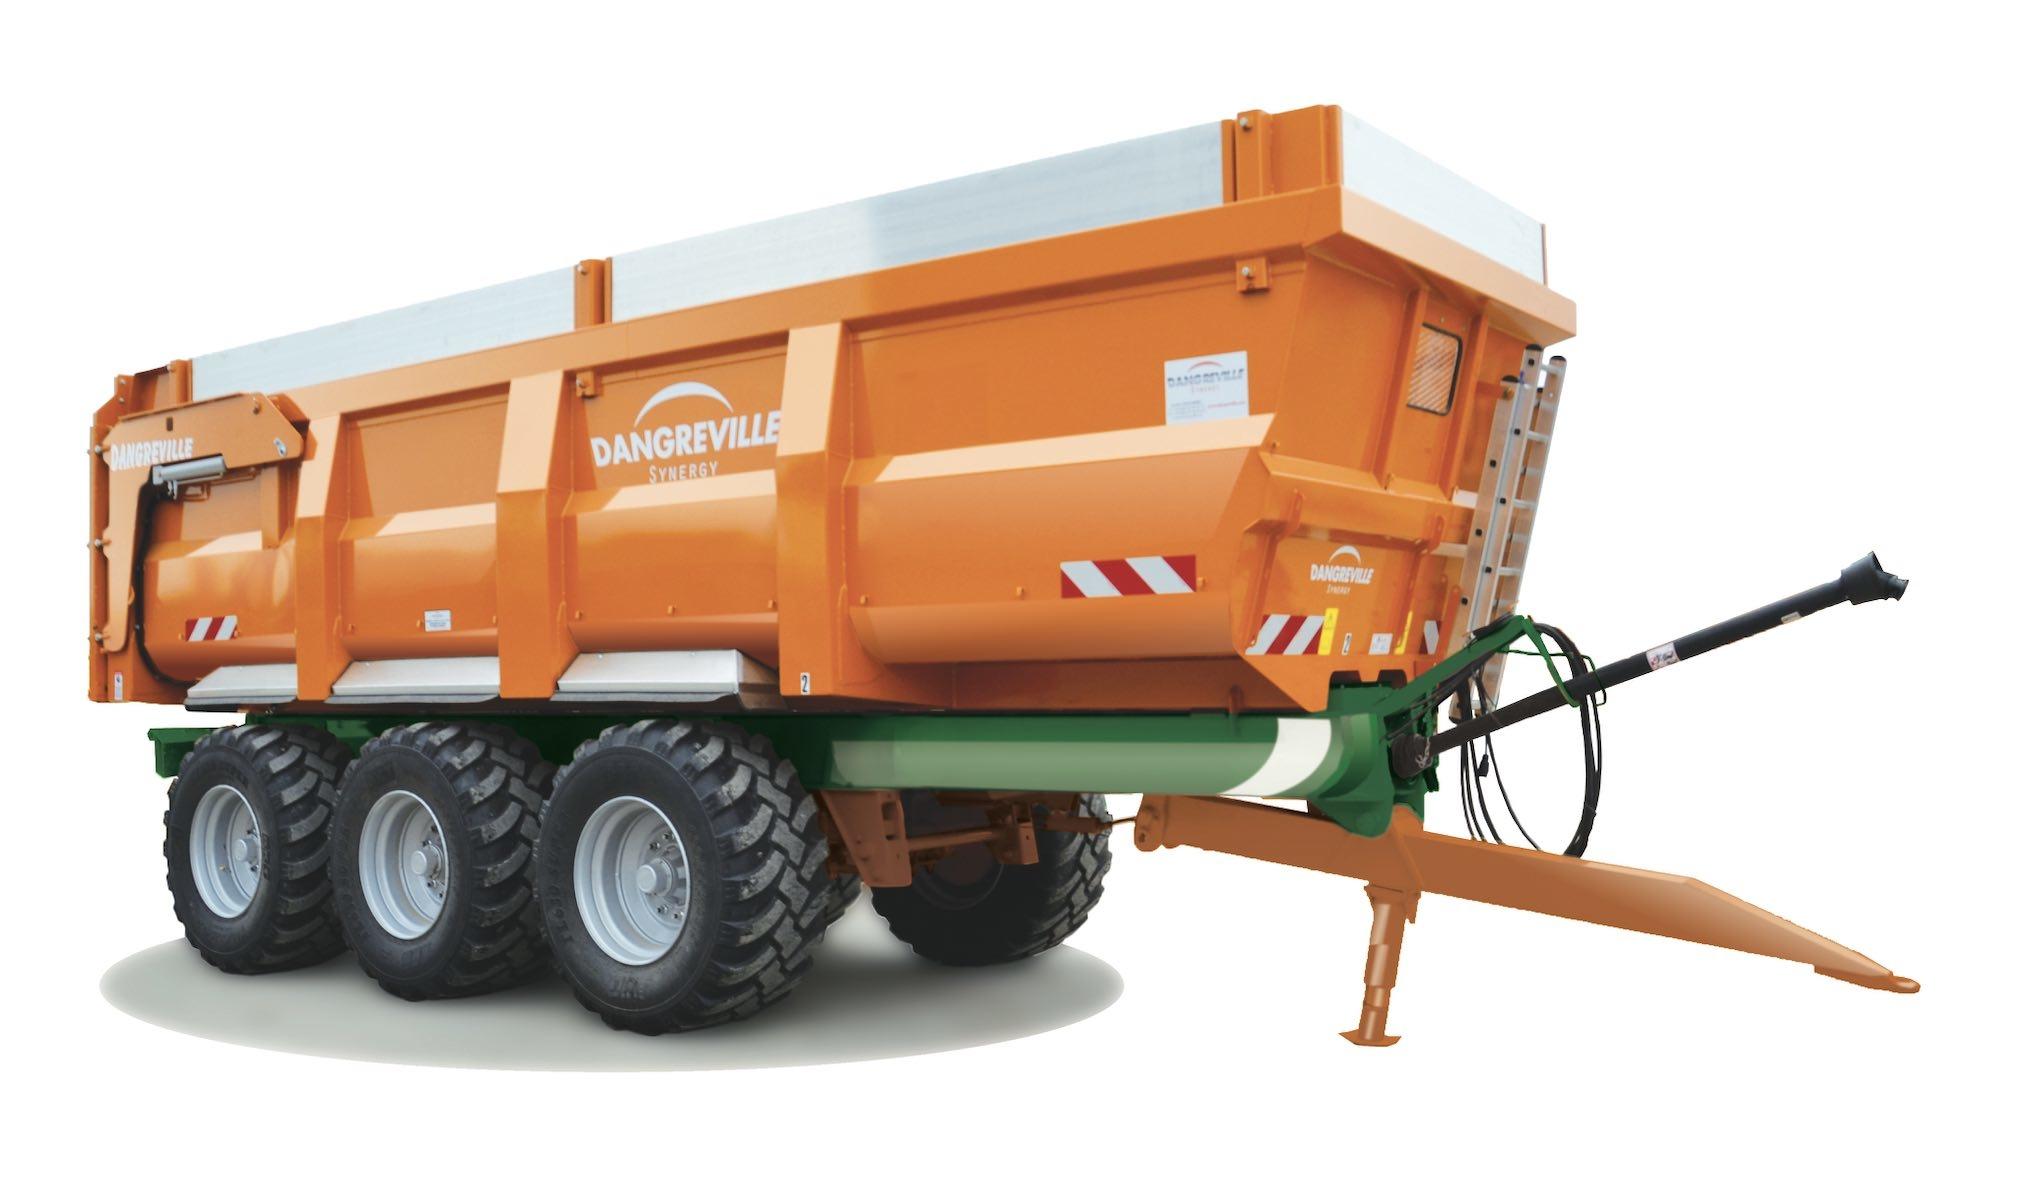 Le châssis monobloc en matériaux composites permet de gagner 2 tonnes sur le poids à vide d'une benne à 3 essieux (Crédit photo : Dangreville)